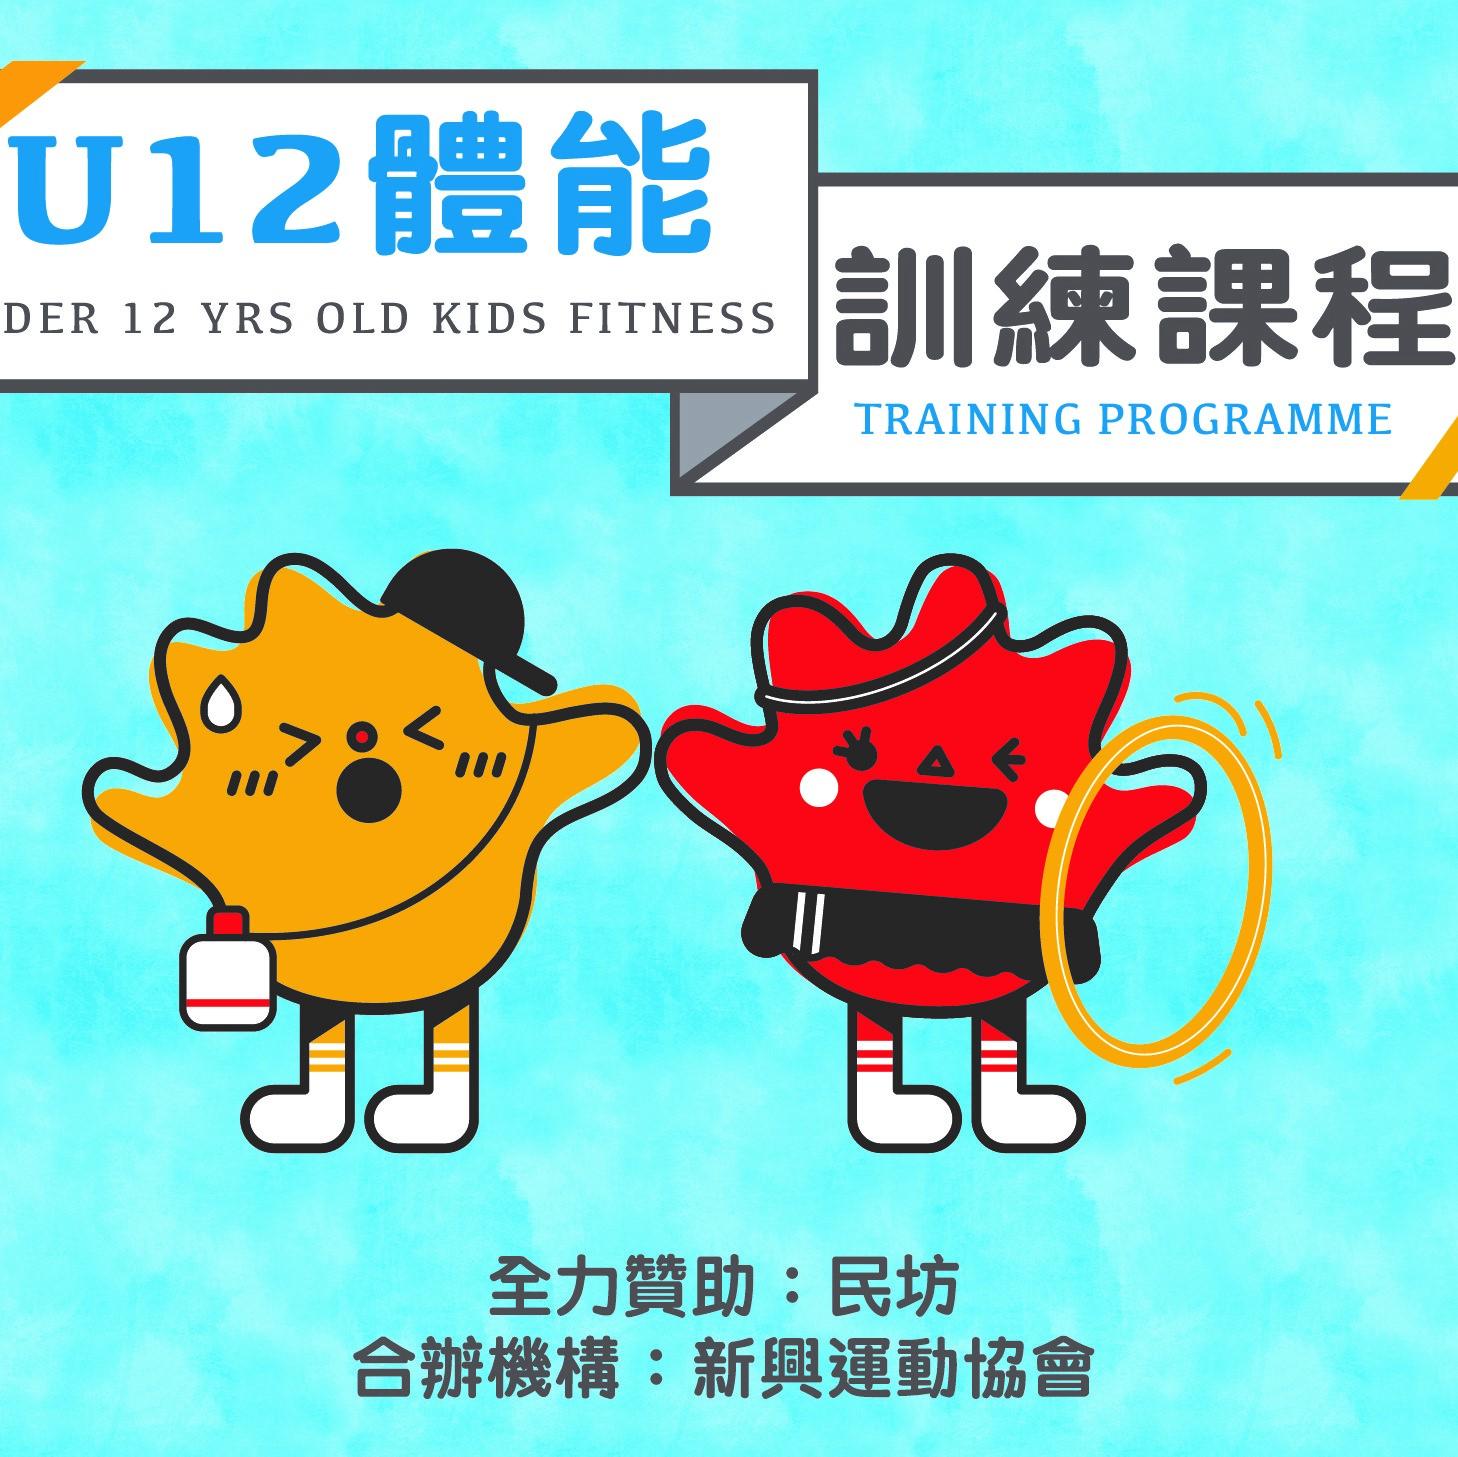 兒童體能訓練課程